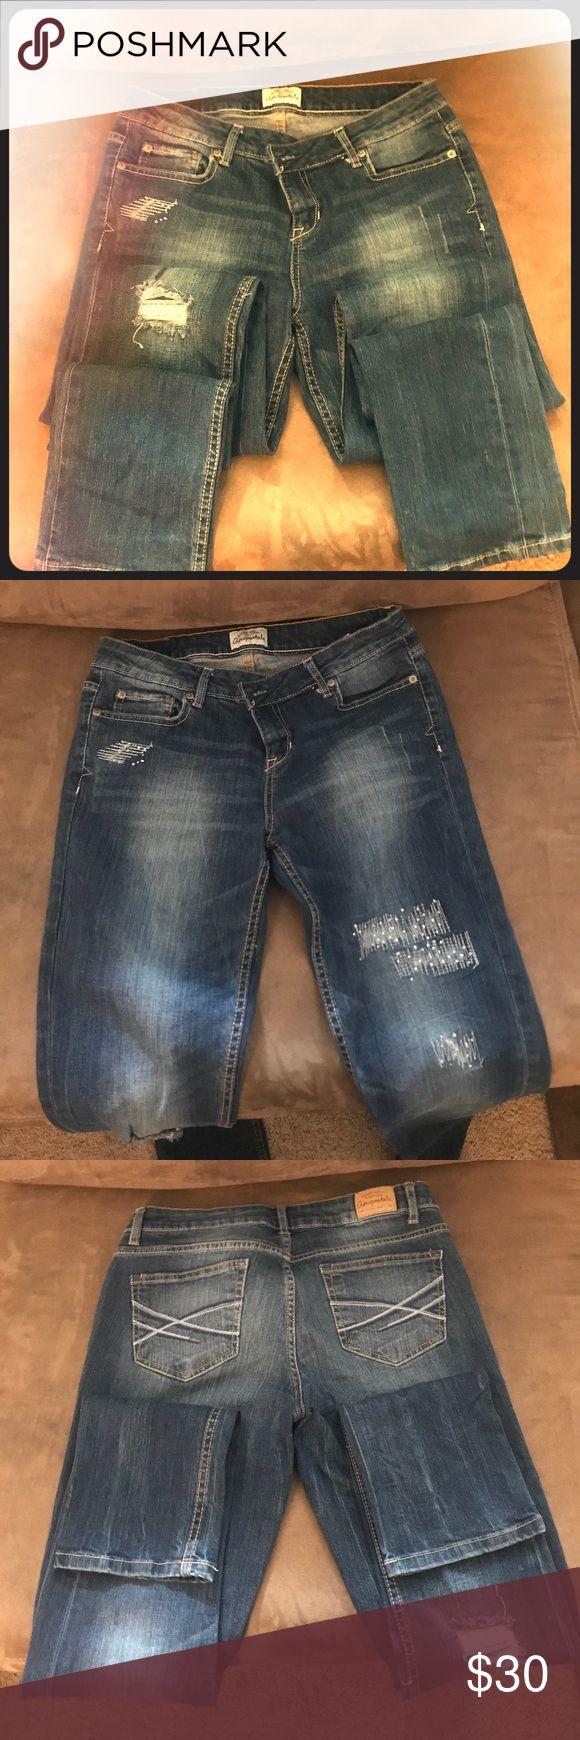 Aeropostale skinny jeans Great looking skinny jean Aeropostale Jeans Skinny